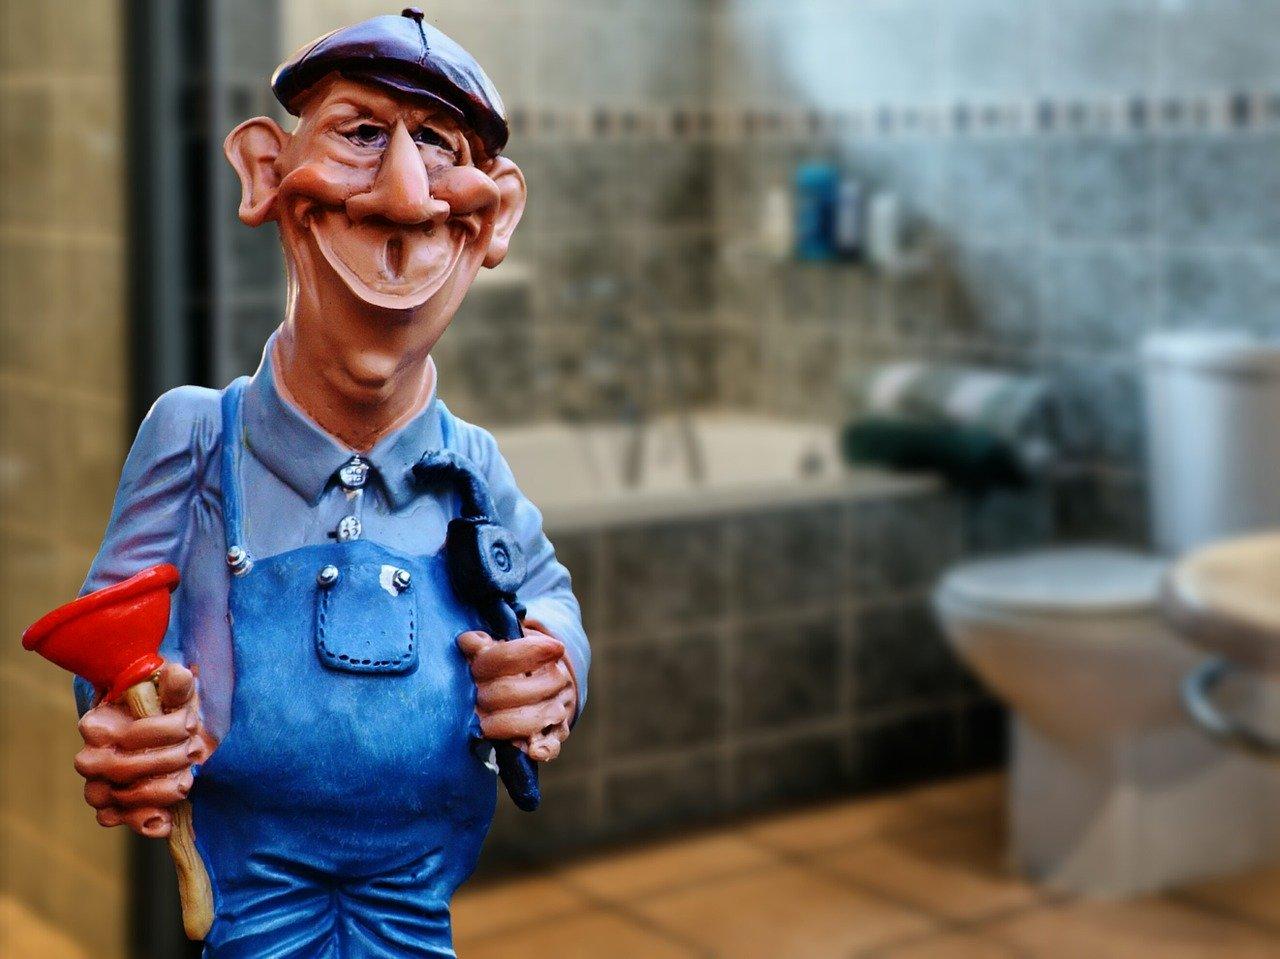 Quanto guadagna un idraulico